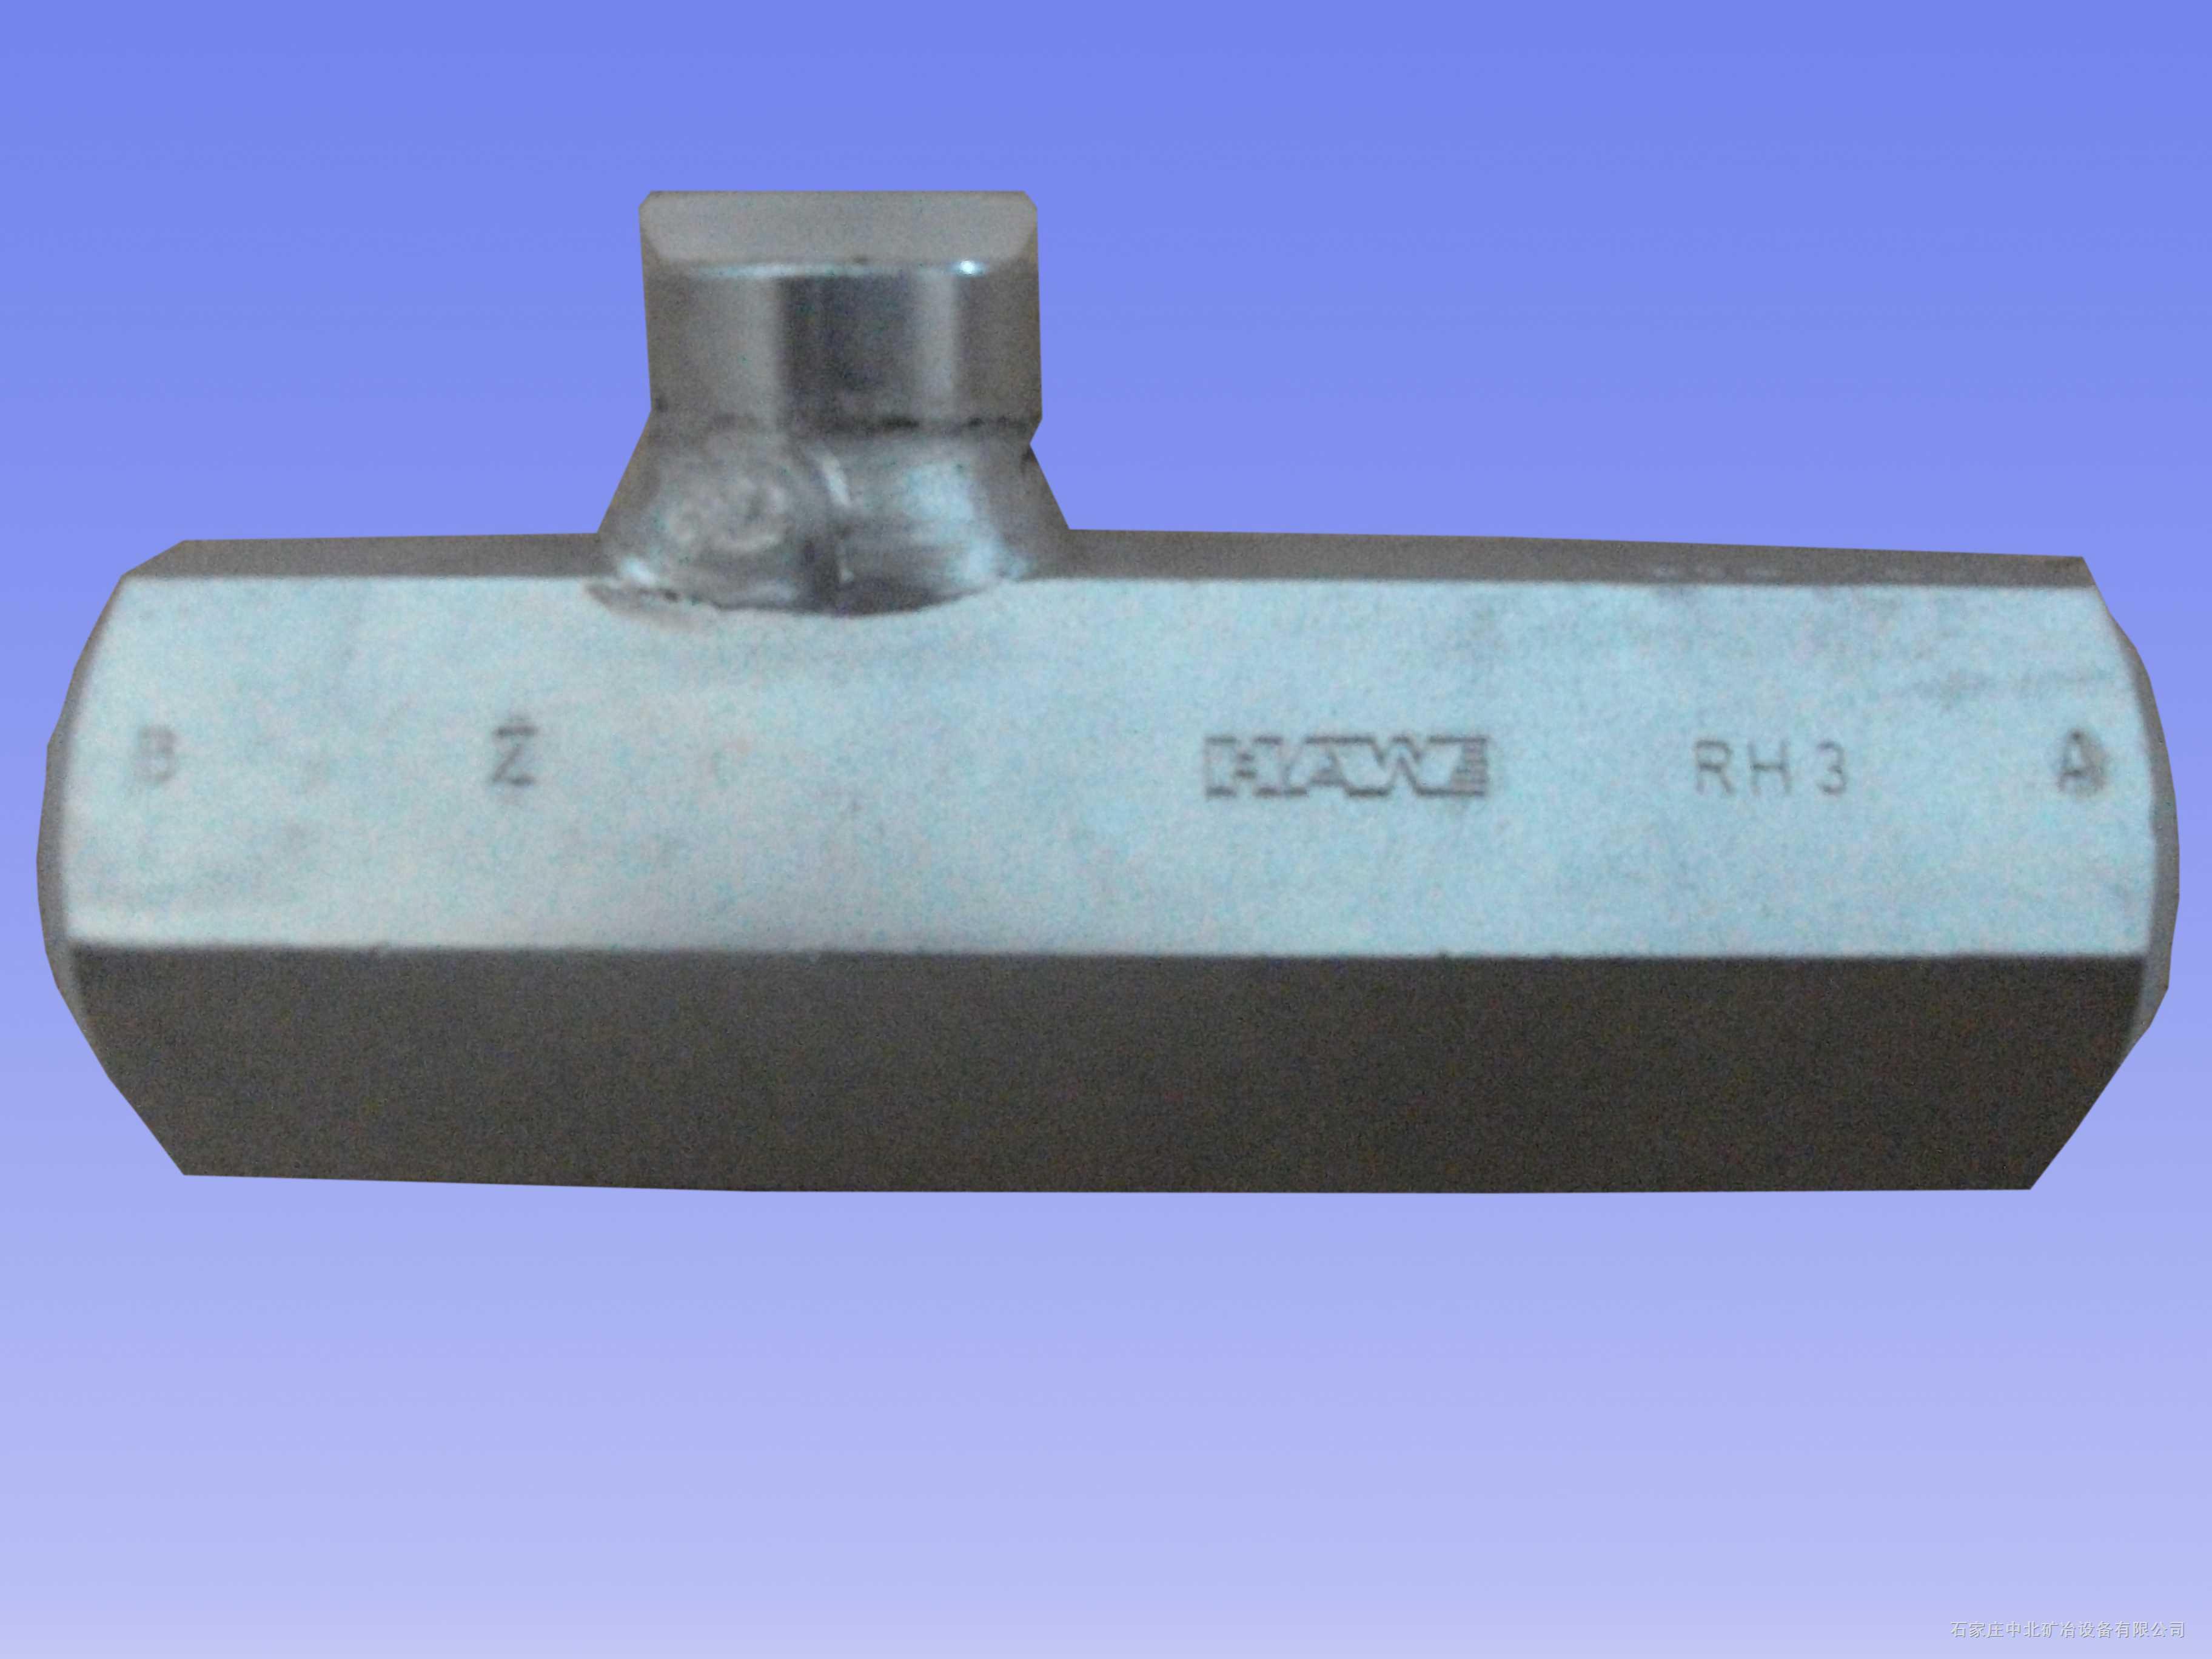 石家庄产EBZ150型掘进机用德国哈威HAWEI公司RH3系列液控单向阀